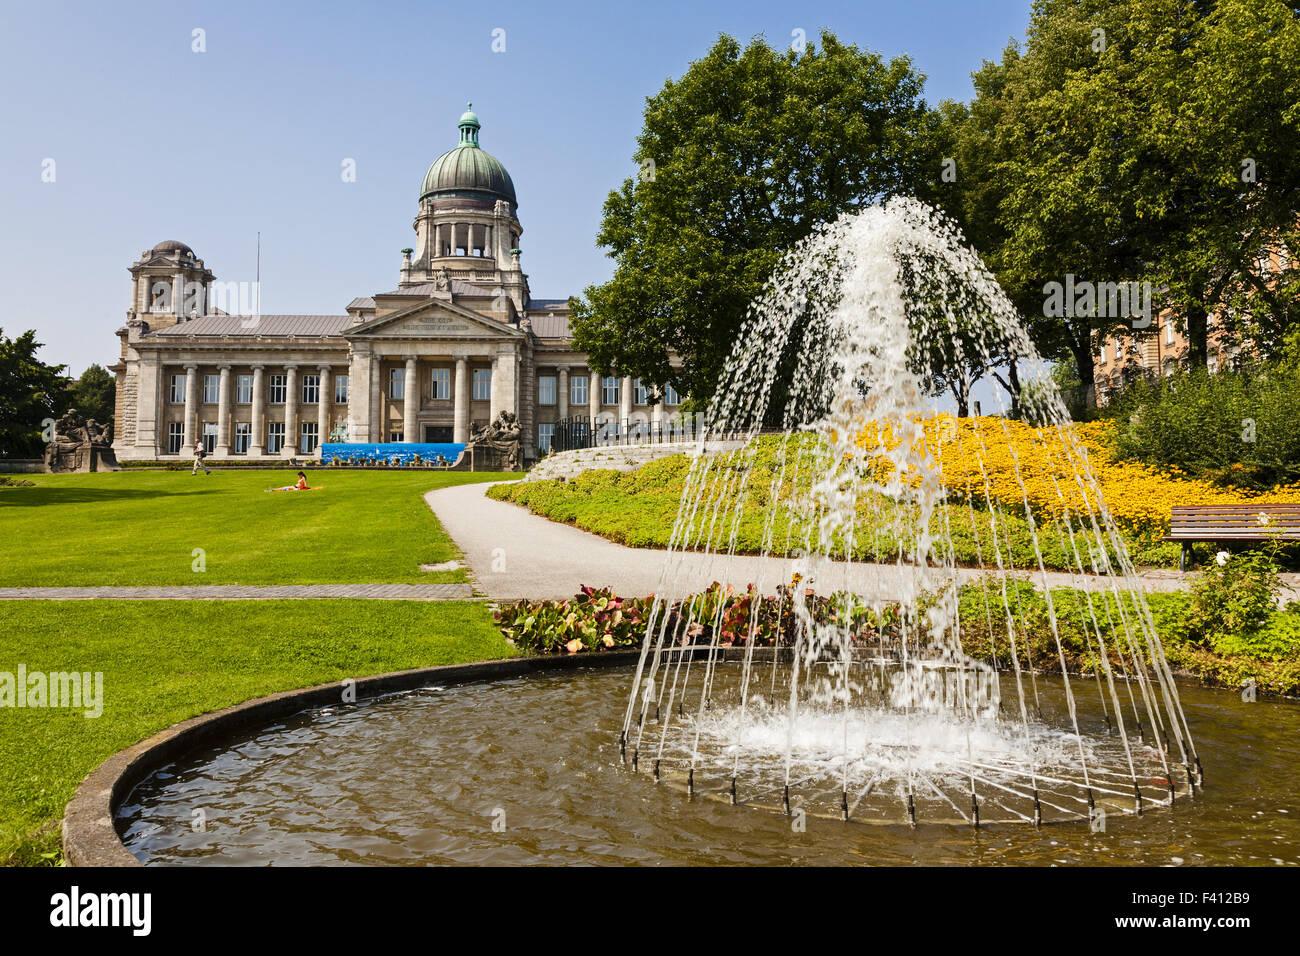 The Hanseatic Higher Regional Court, Hamburg - Stock Image